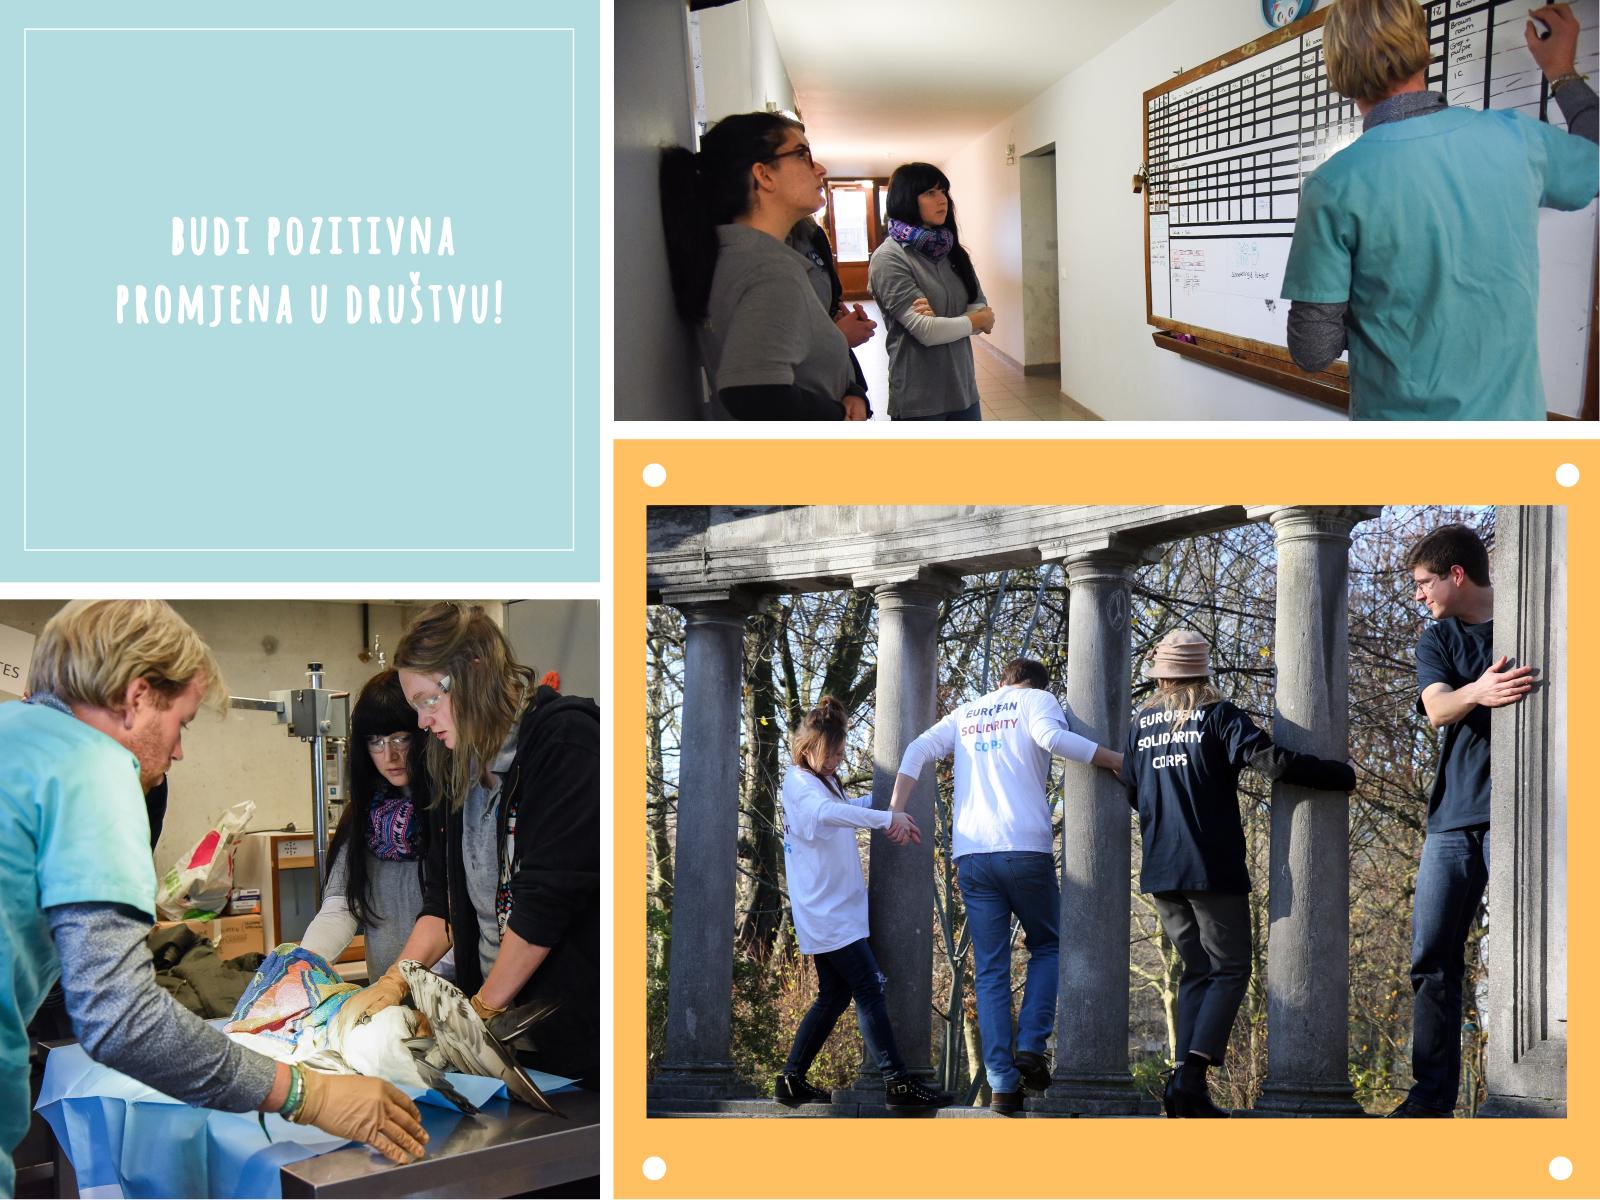 SPLIT, 3. rujna 2019. i ZAGREB, 11. rujna 2019. - Radionica pisanja Projekata solidarnosti  - Slika 1